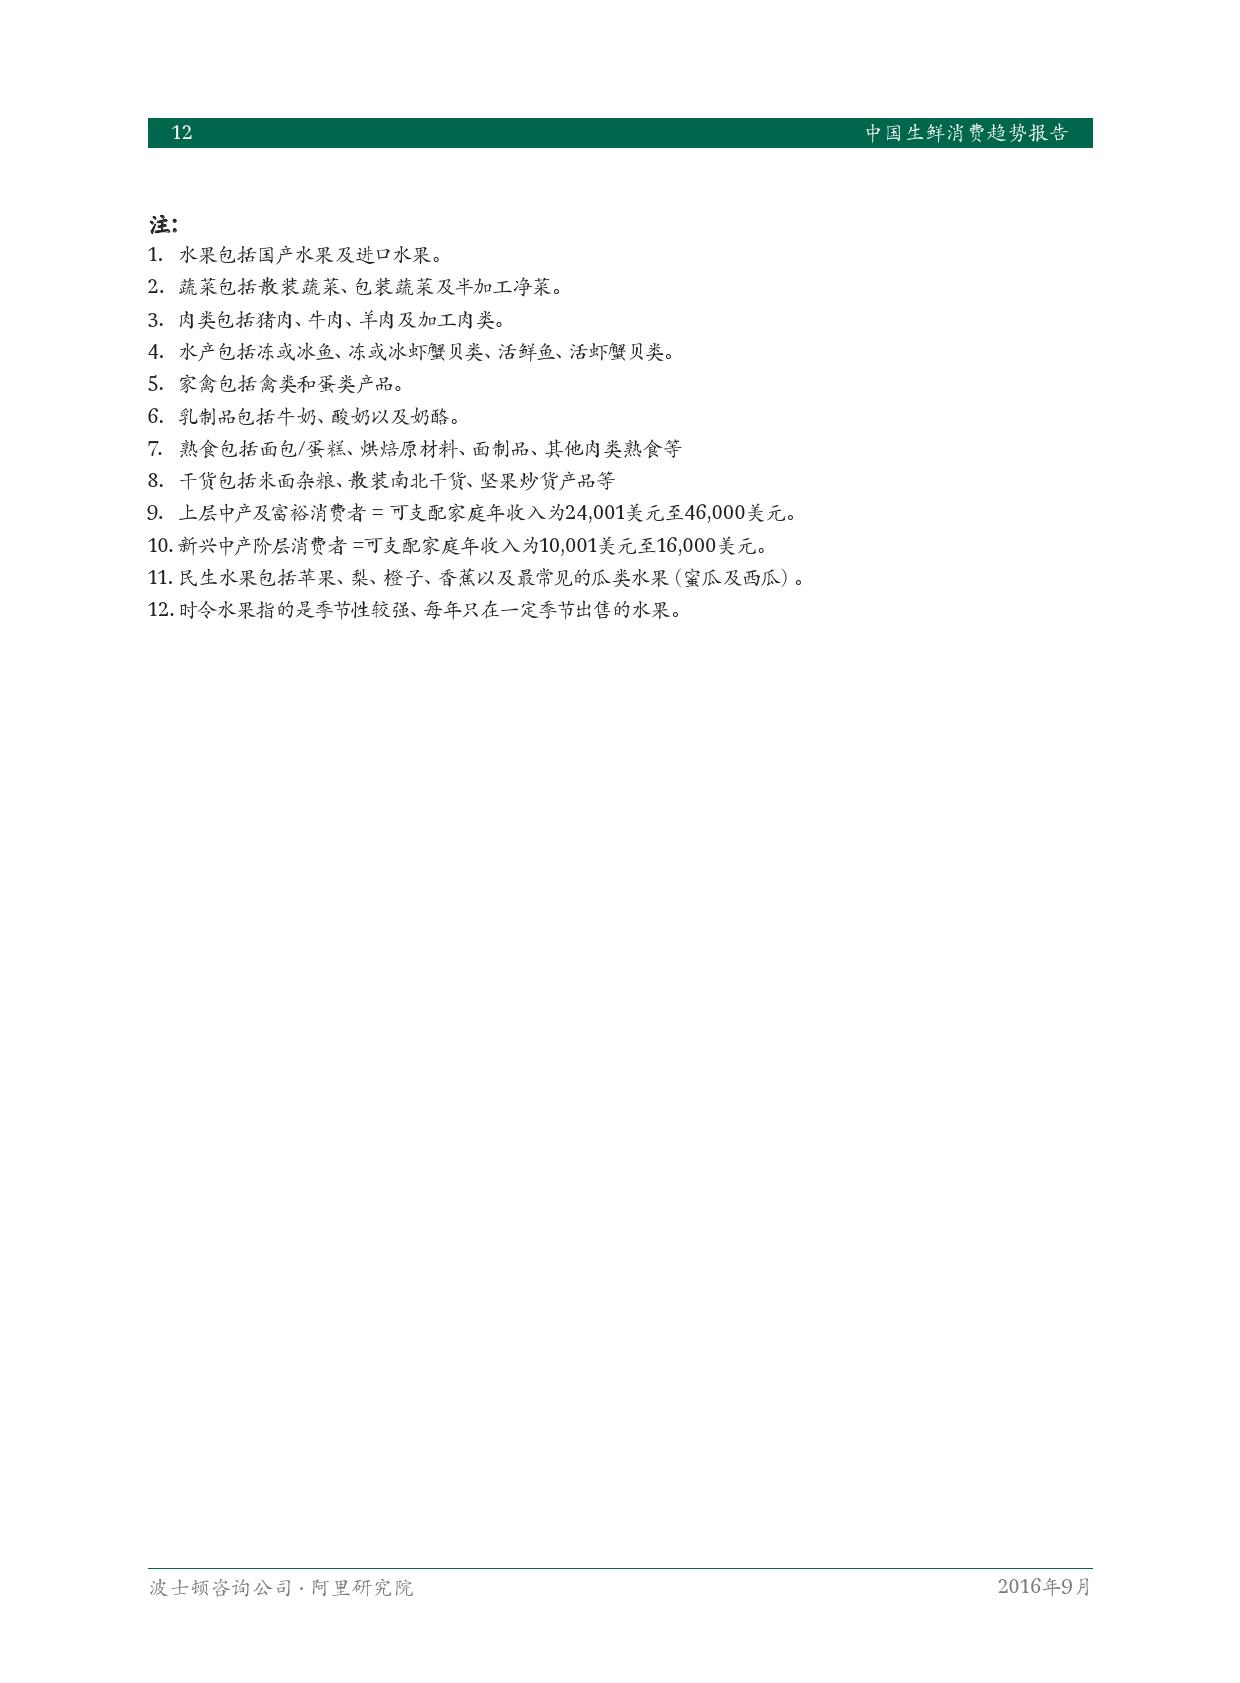 2016年中国生鲜消费趋势报告_000014